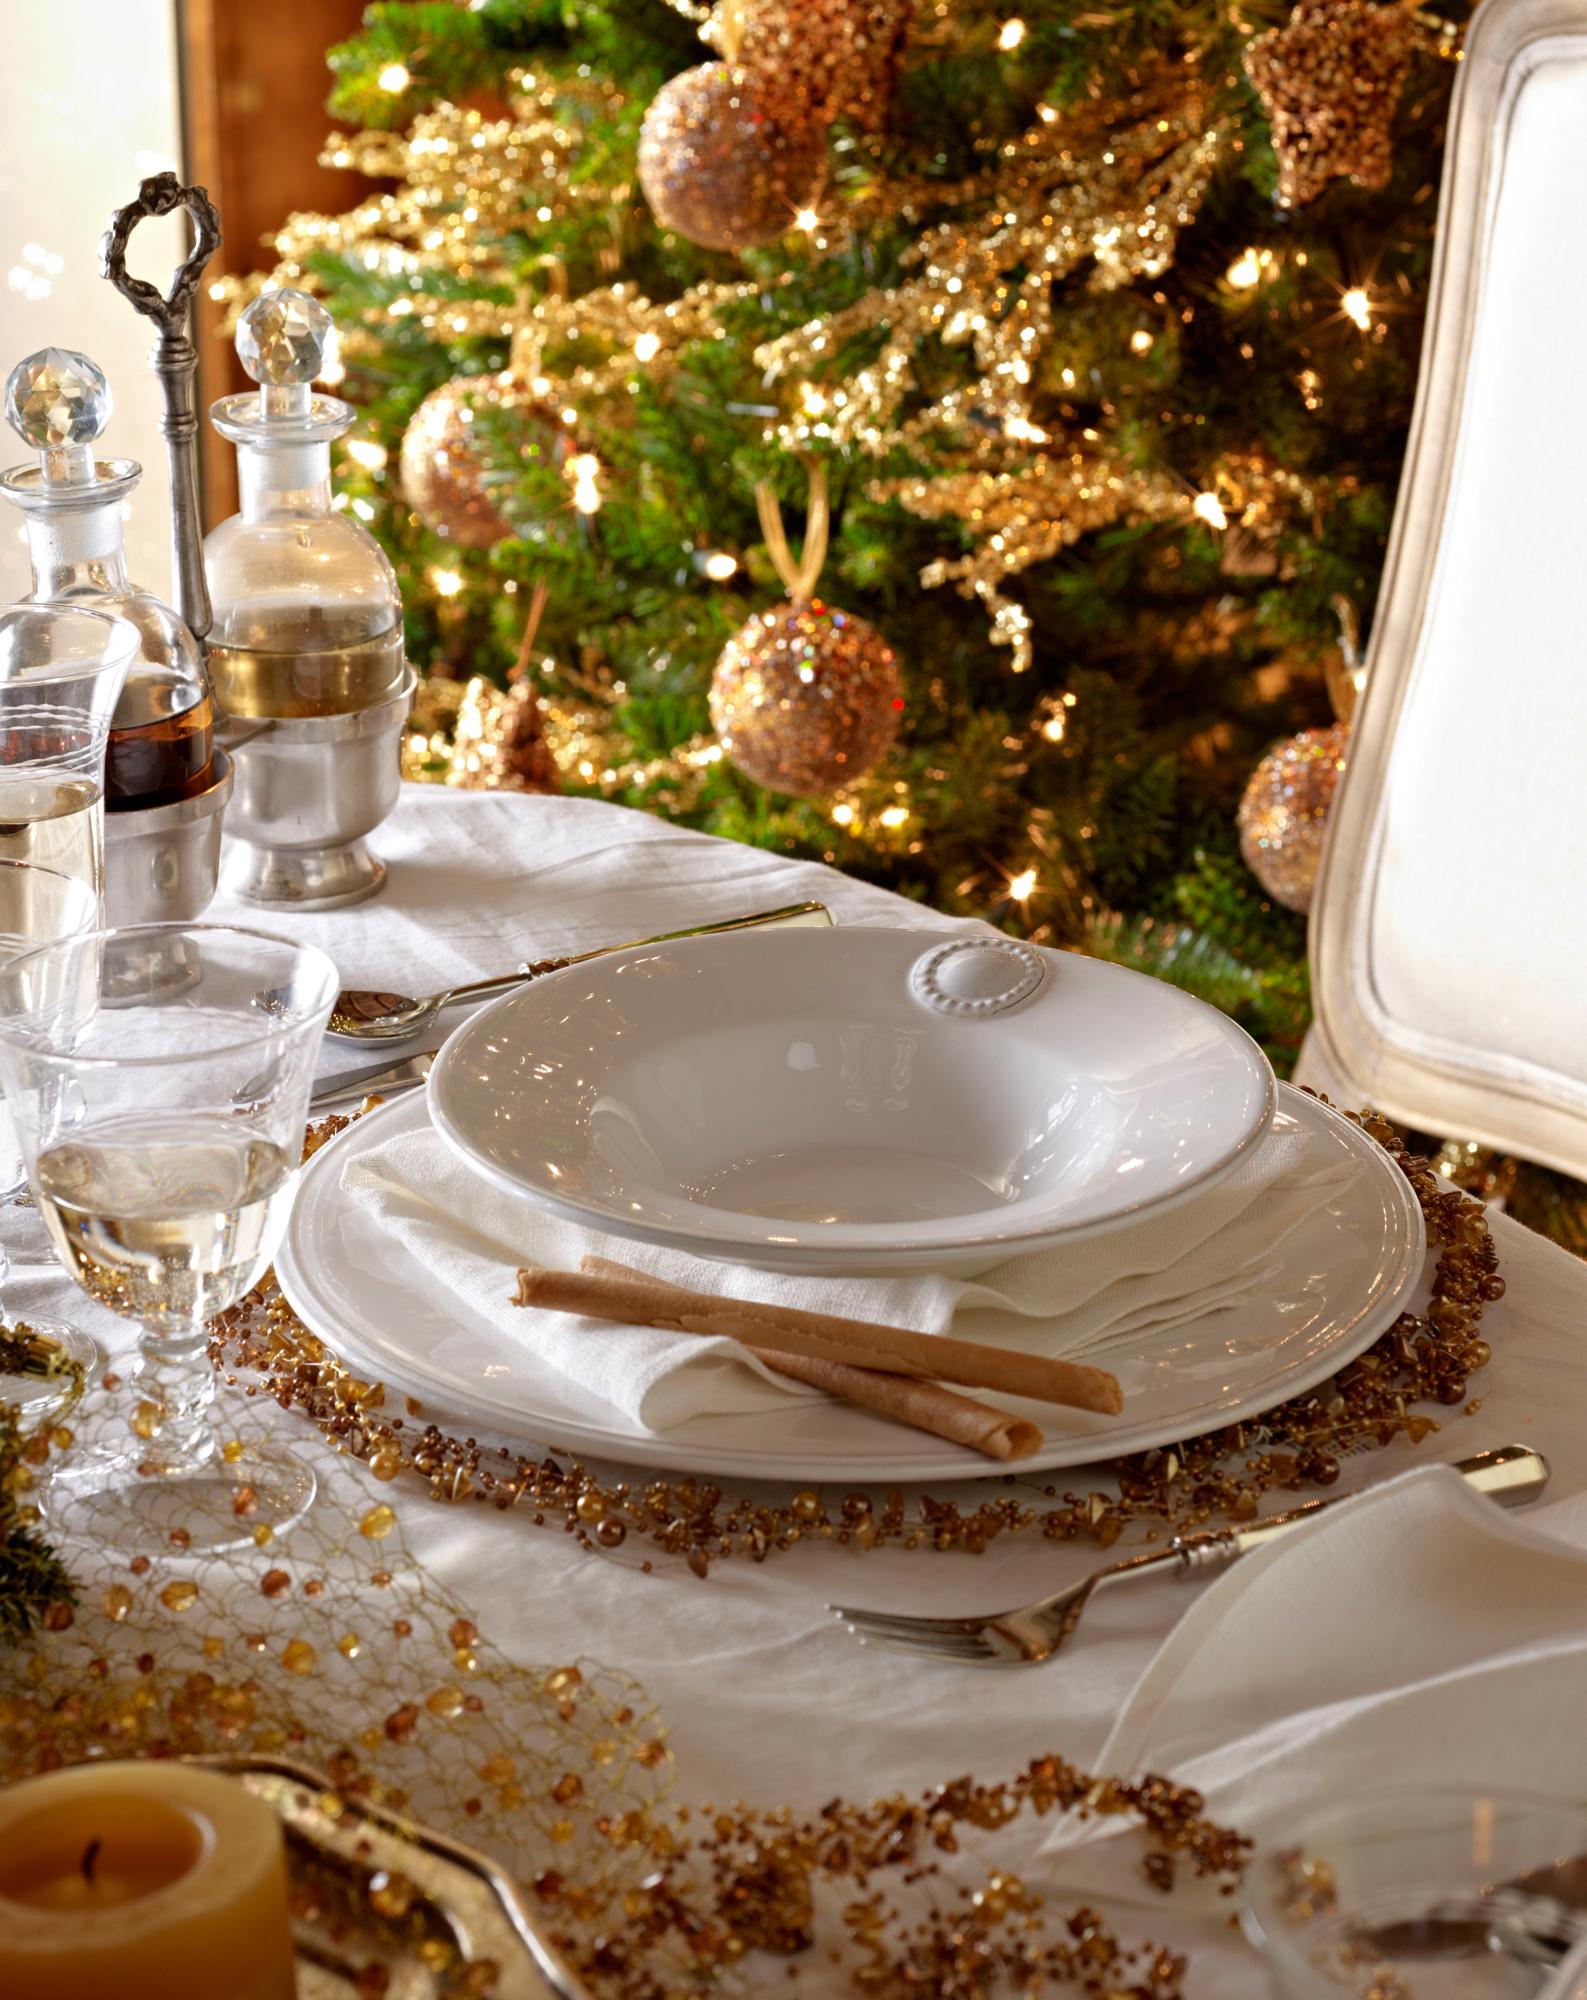 o mesa de navidad con vajilla blanca y decorada con detalles dorados o